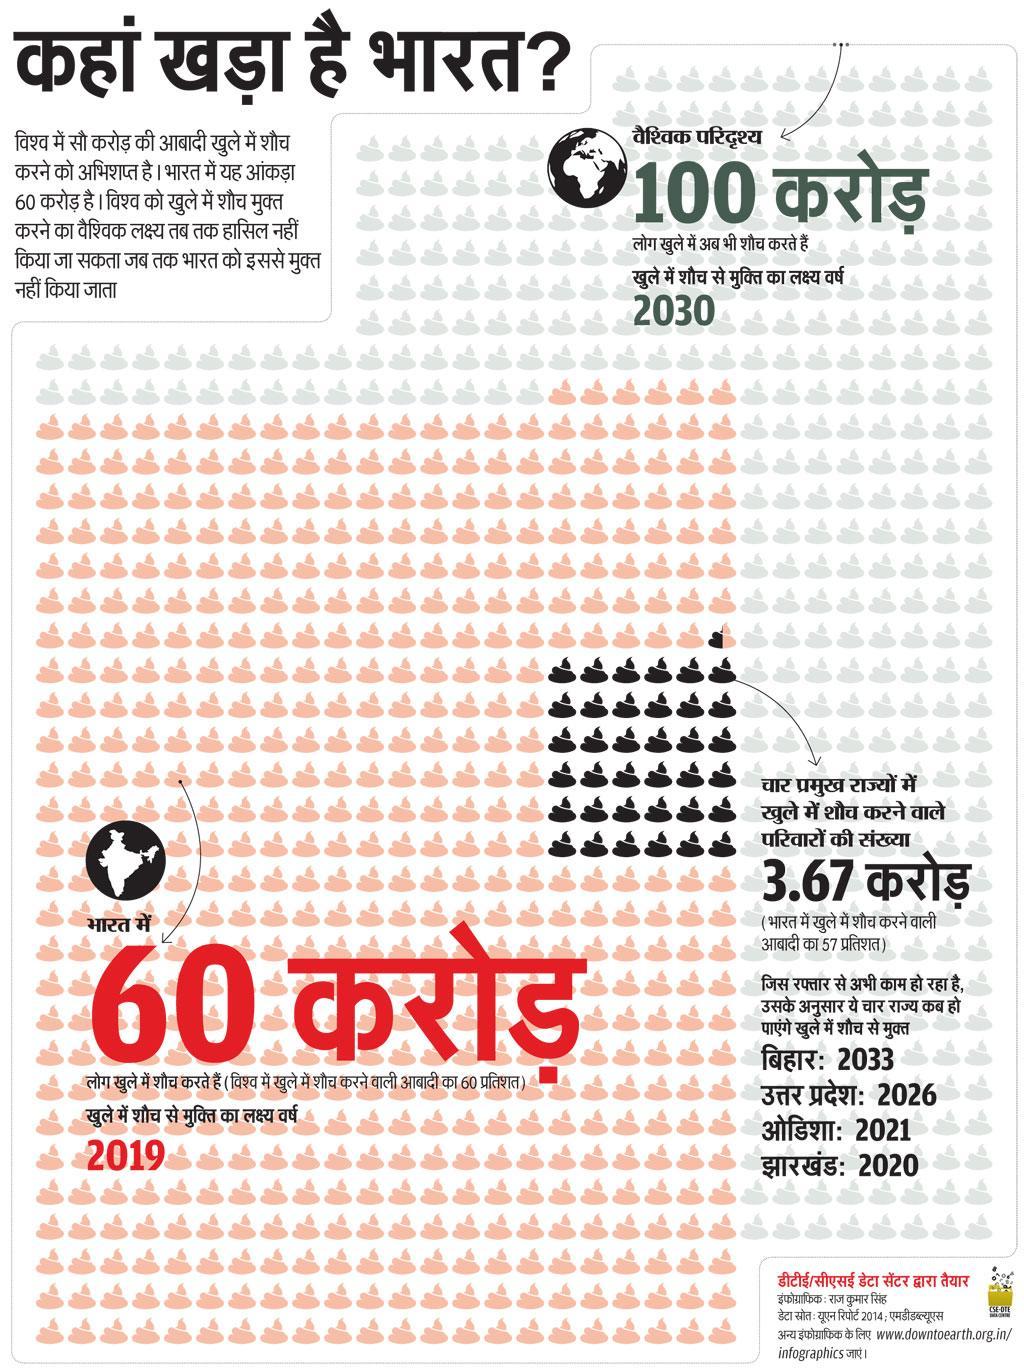 डेटा स्रोत: यूएन रिपोर्ट 2014; एमडीडब्ल्यूएस